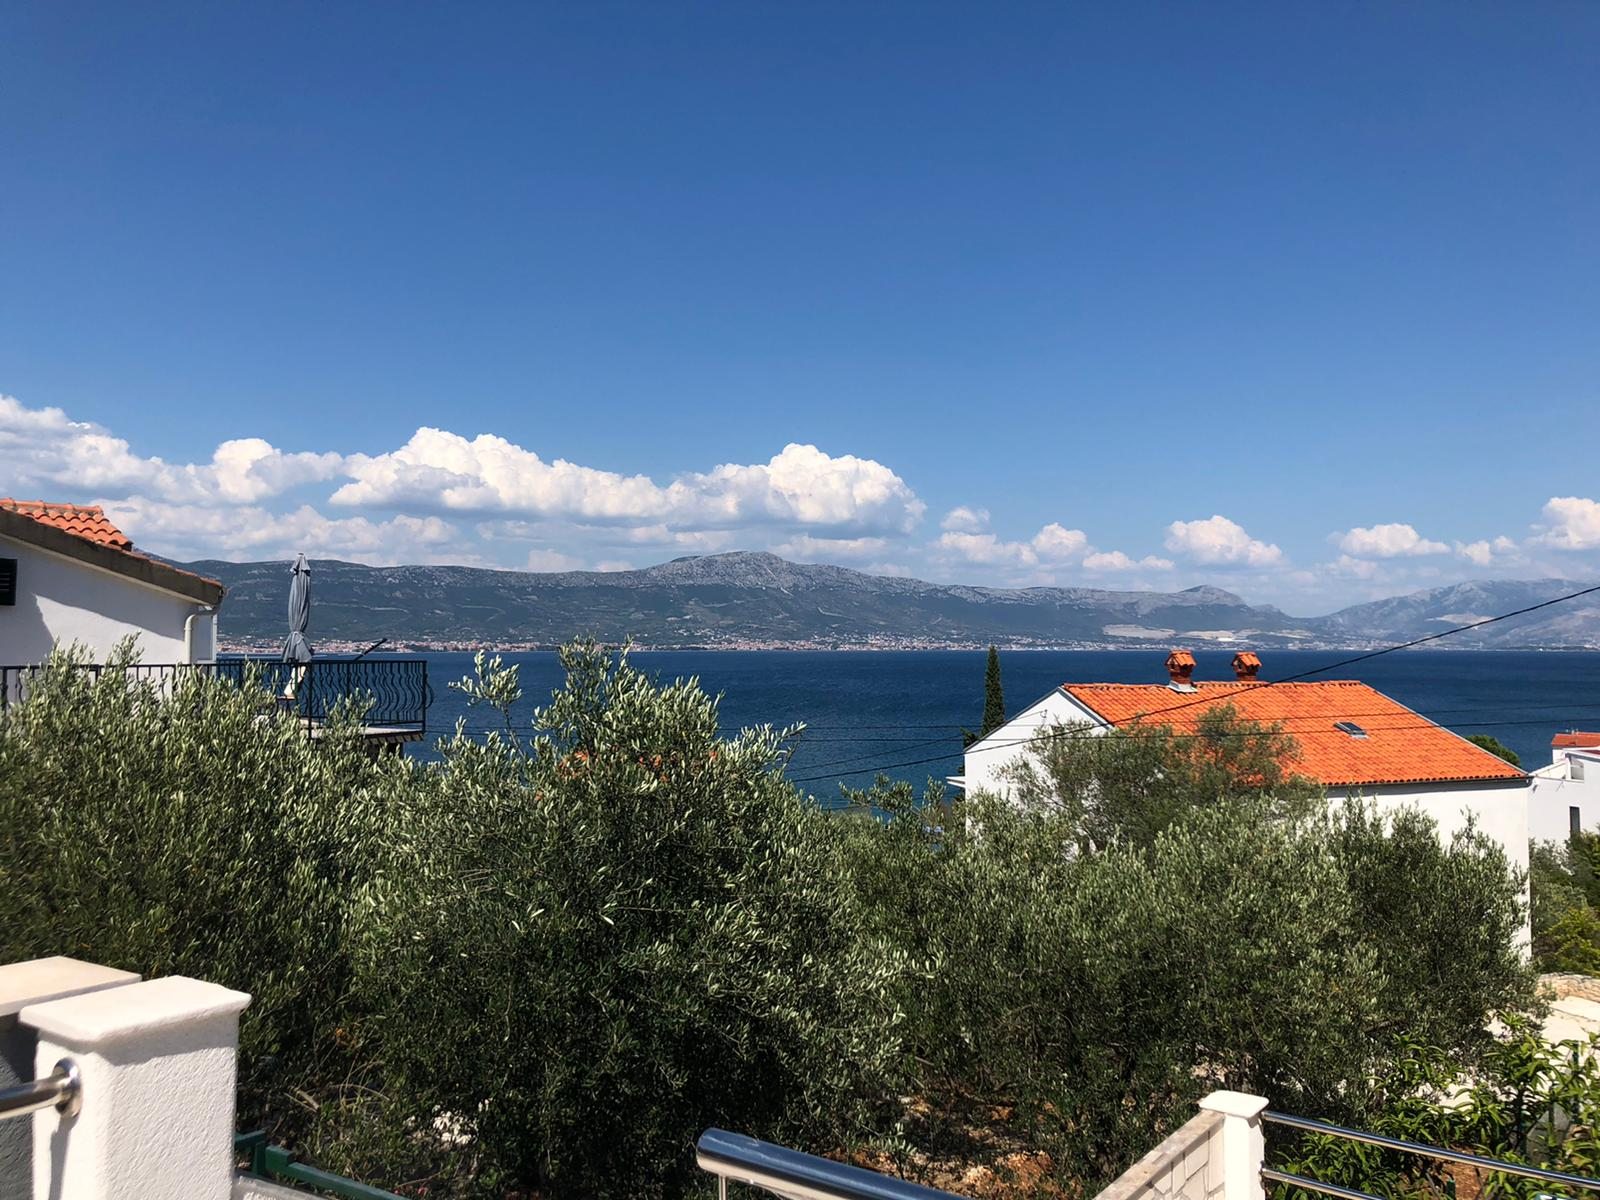 Appartmenthaus in Trogir